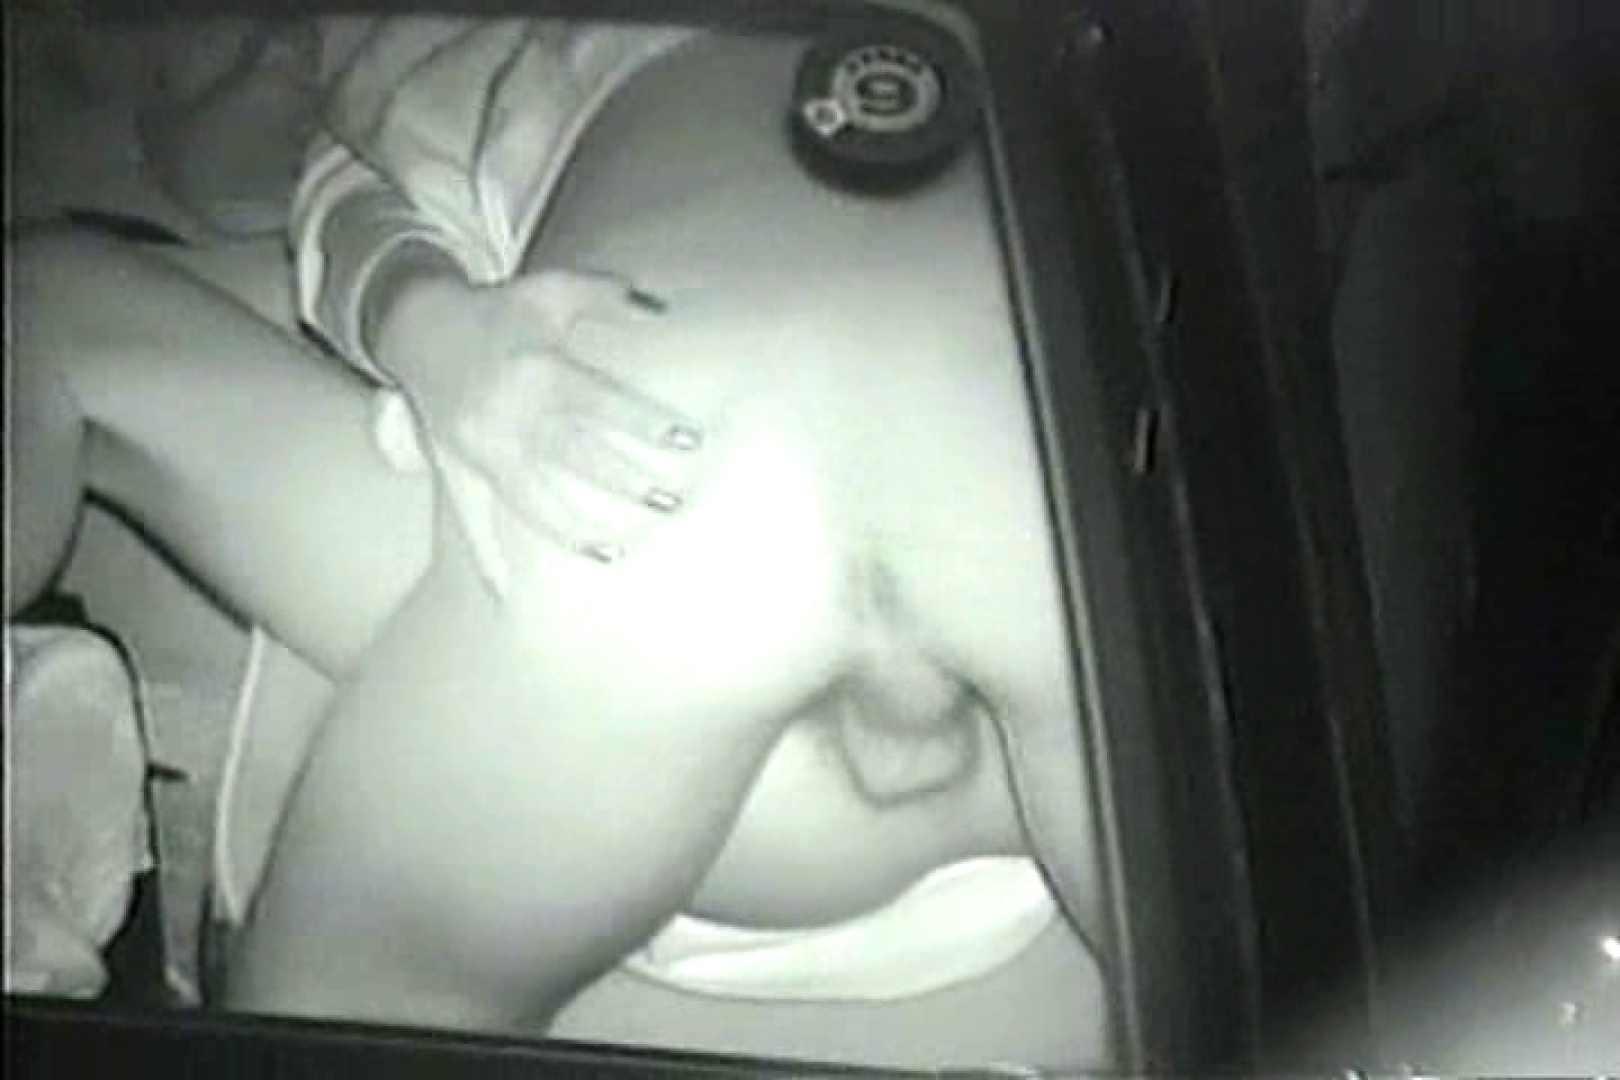 車の中はラブホテル 無修正版  Vol.9 車 オマンコ動画キャプチャ 88連発 28